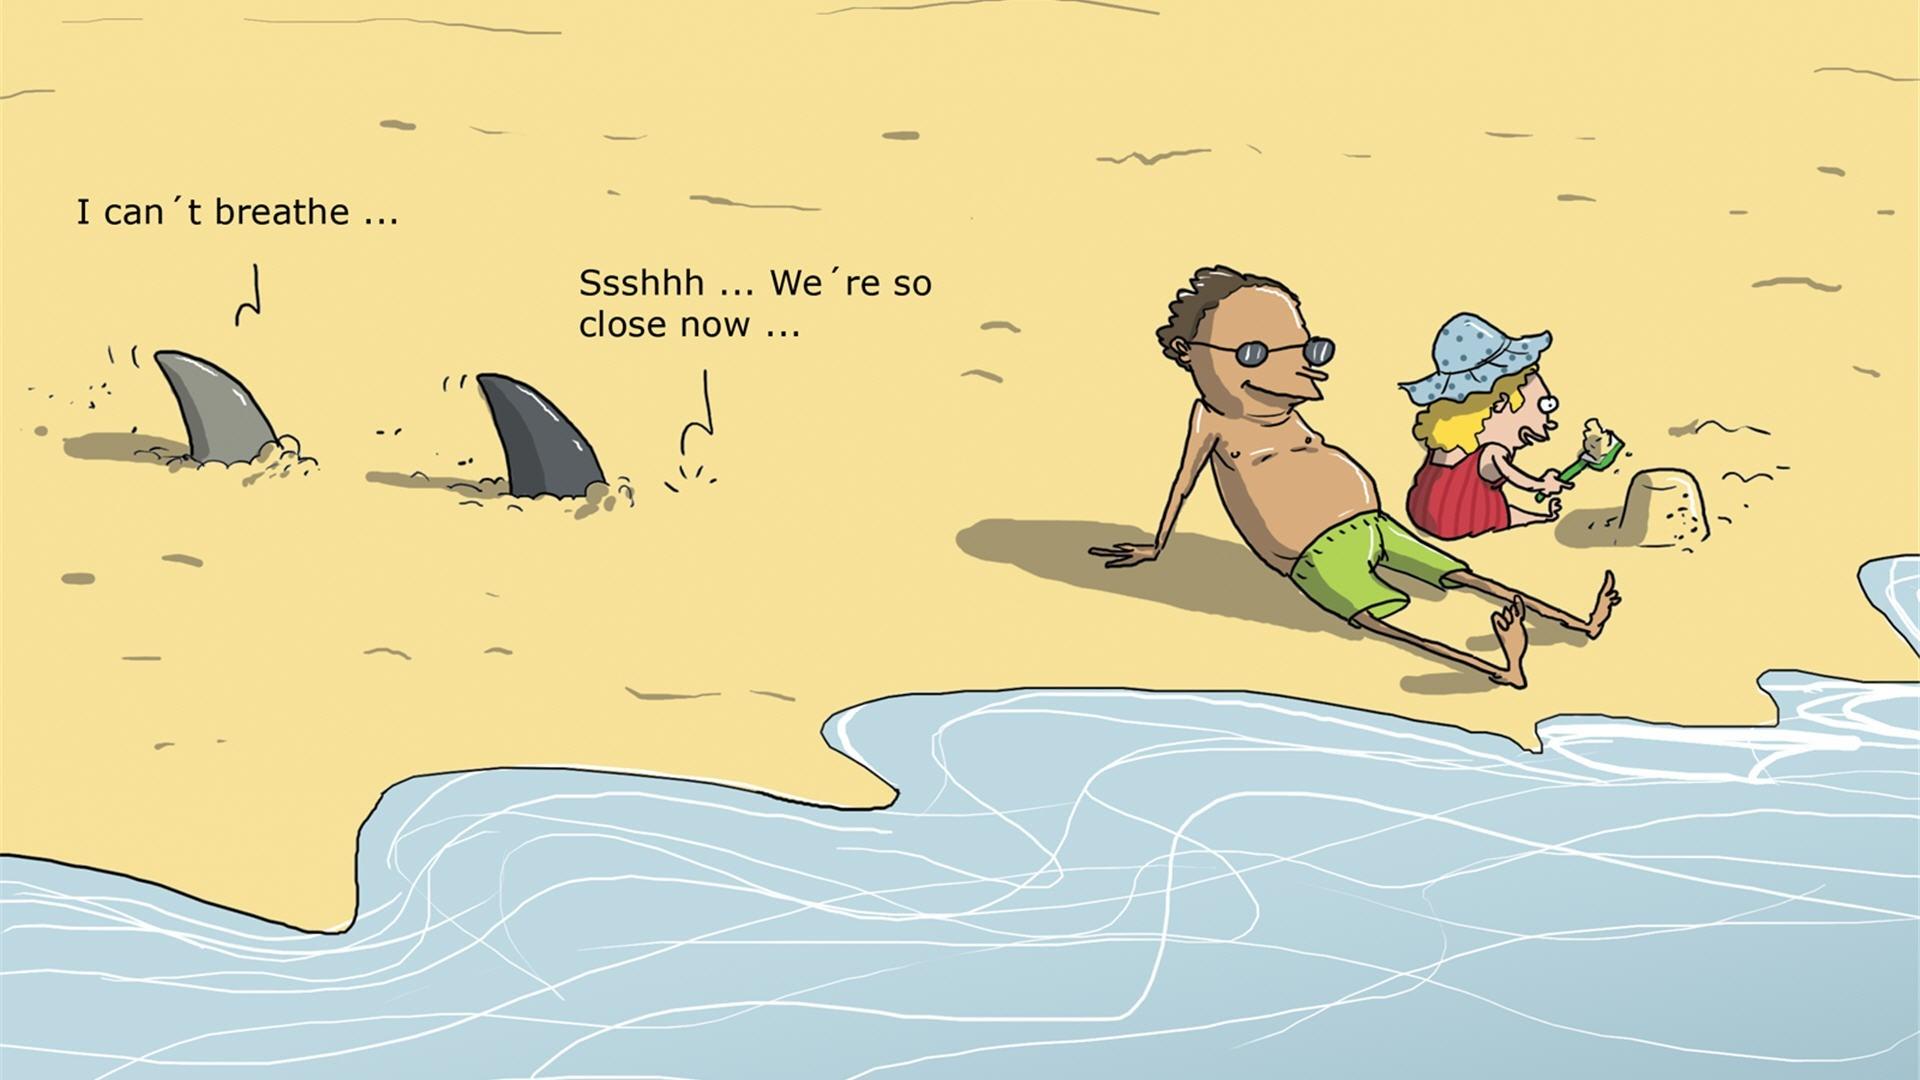 Funny Cartoon Clips 4 High Resolution Wallpaper. Funny Cartoon Clips 4 High  Resolution Wallpaper